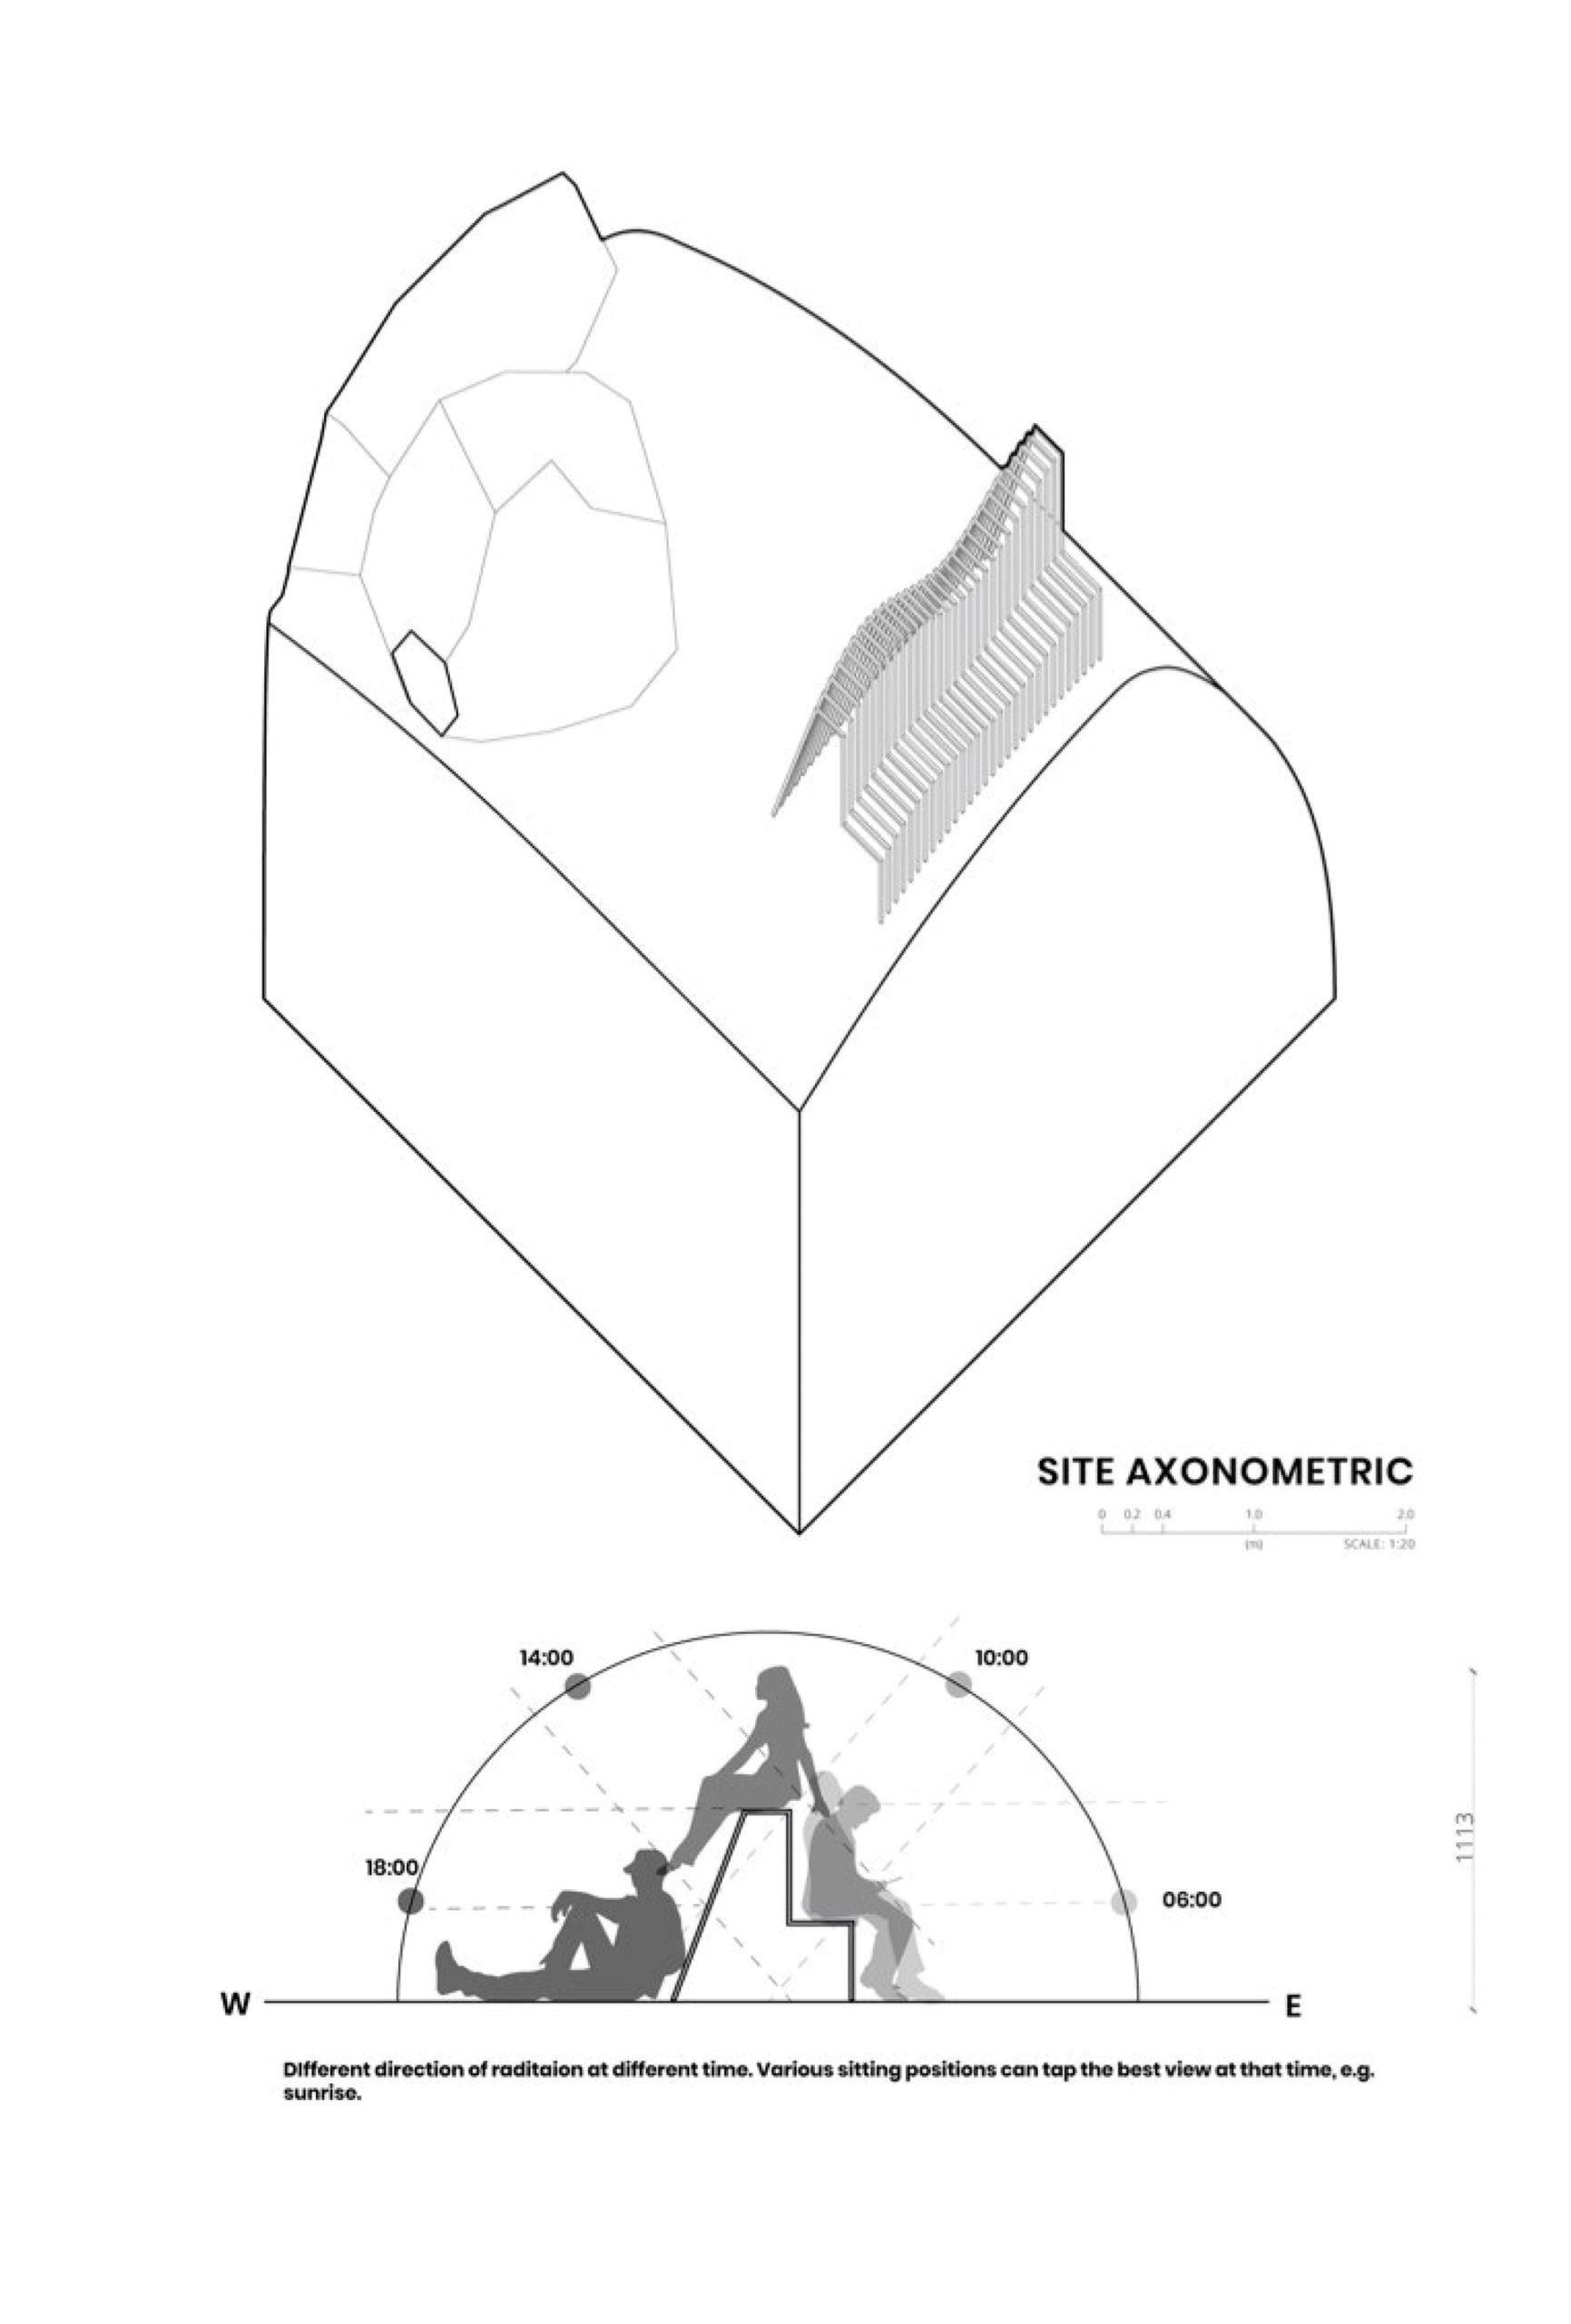 Enlarge Photo: Axonometric View. By LAI Man Ki Maisy.